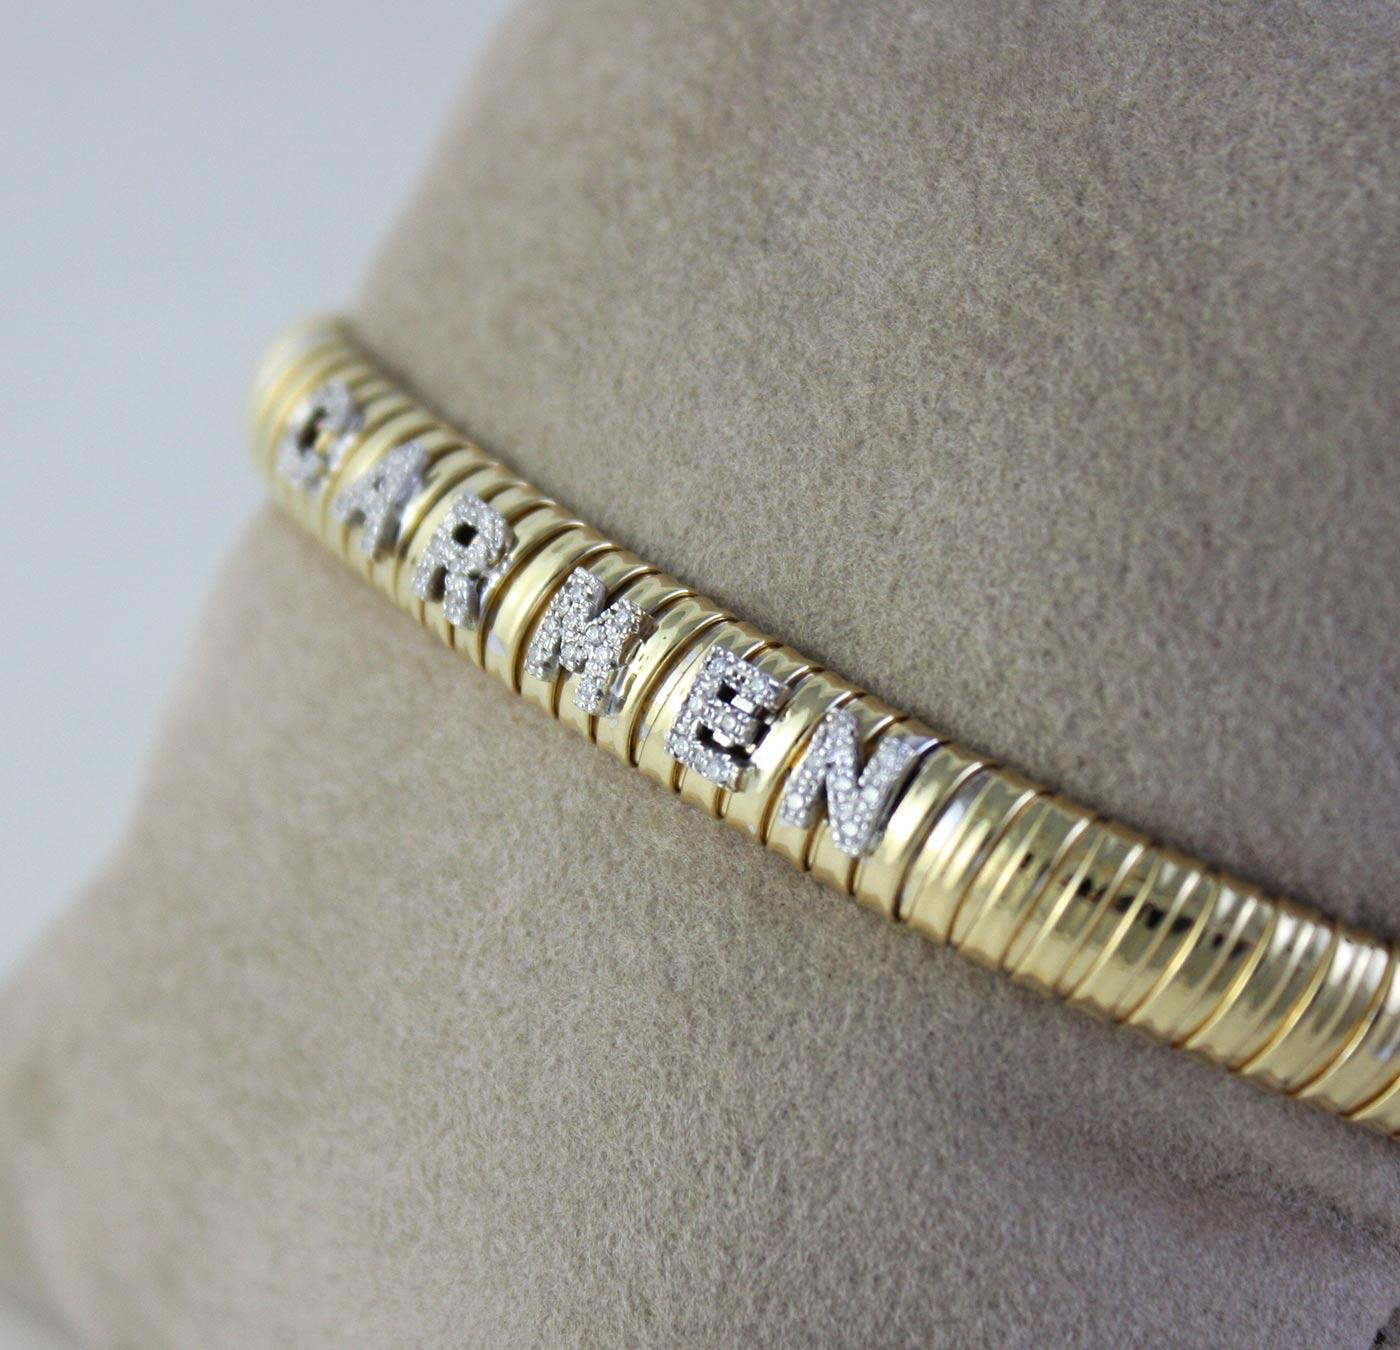 Bracciale maglia tubogas in oro giallo 18kt stile Bulgari con lettere in oro bianco e diamanti personalizzabile con nome